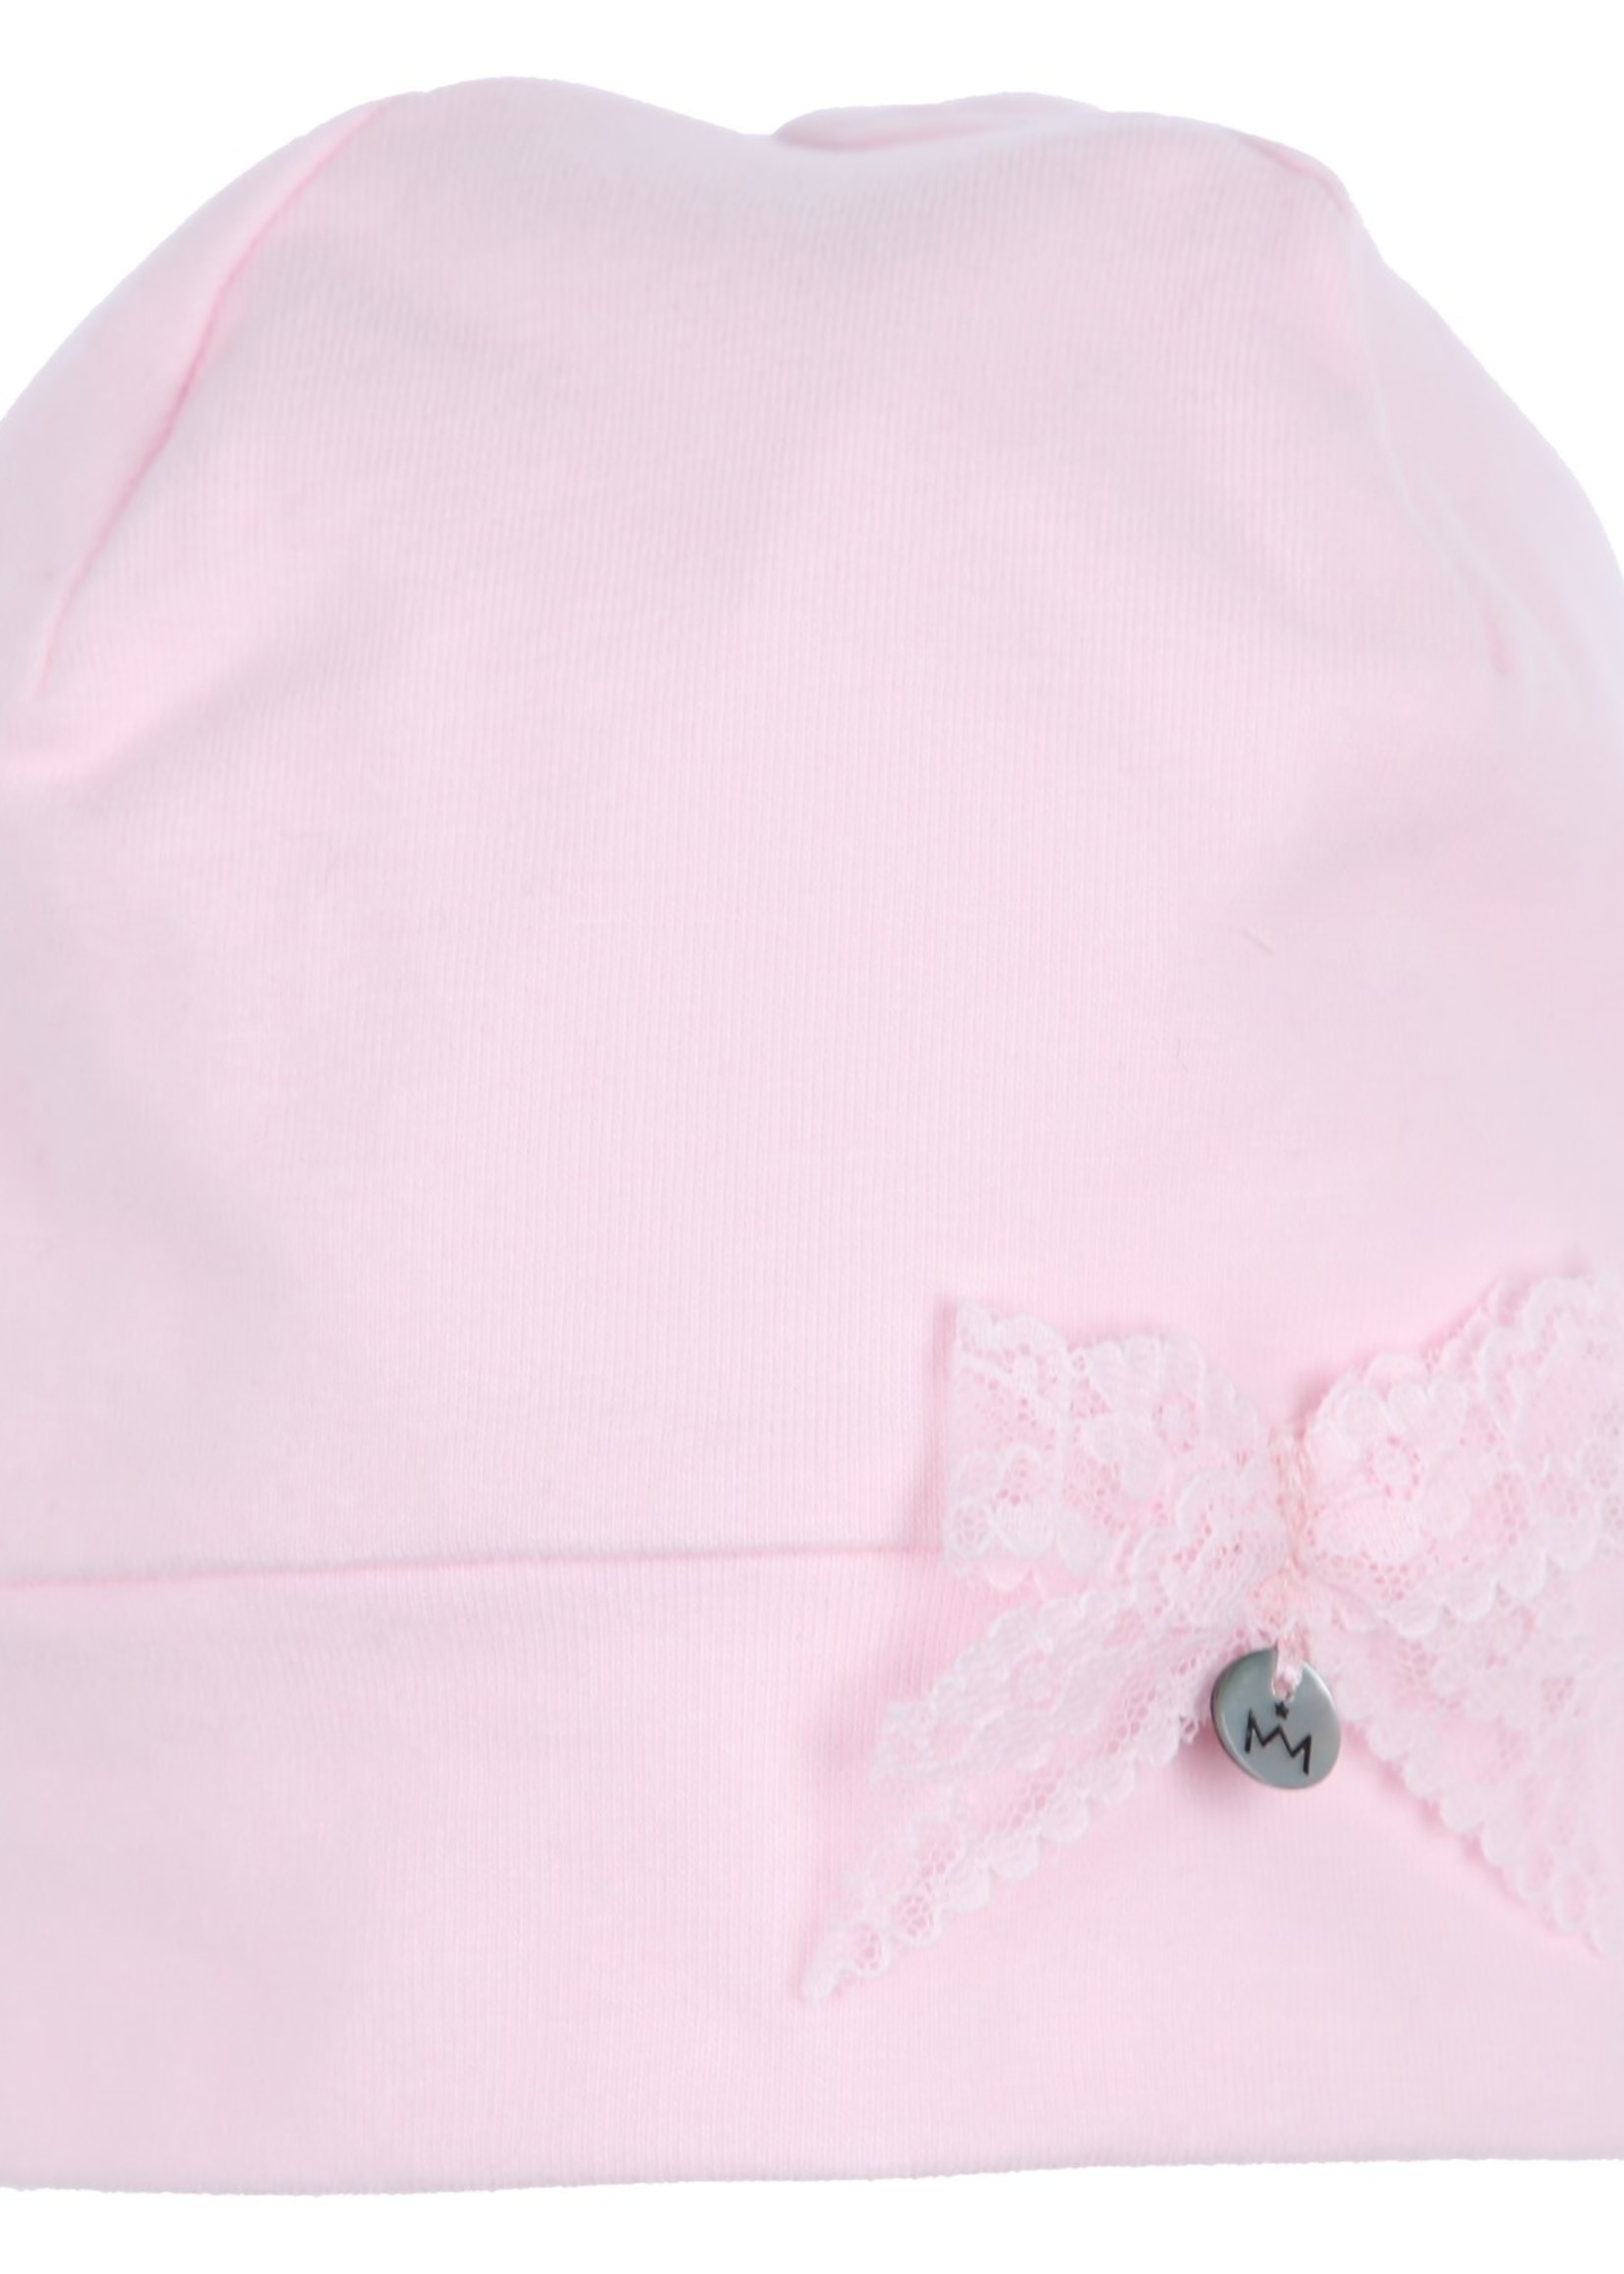 Gymp girls hat bow AERODOUX lichtrose